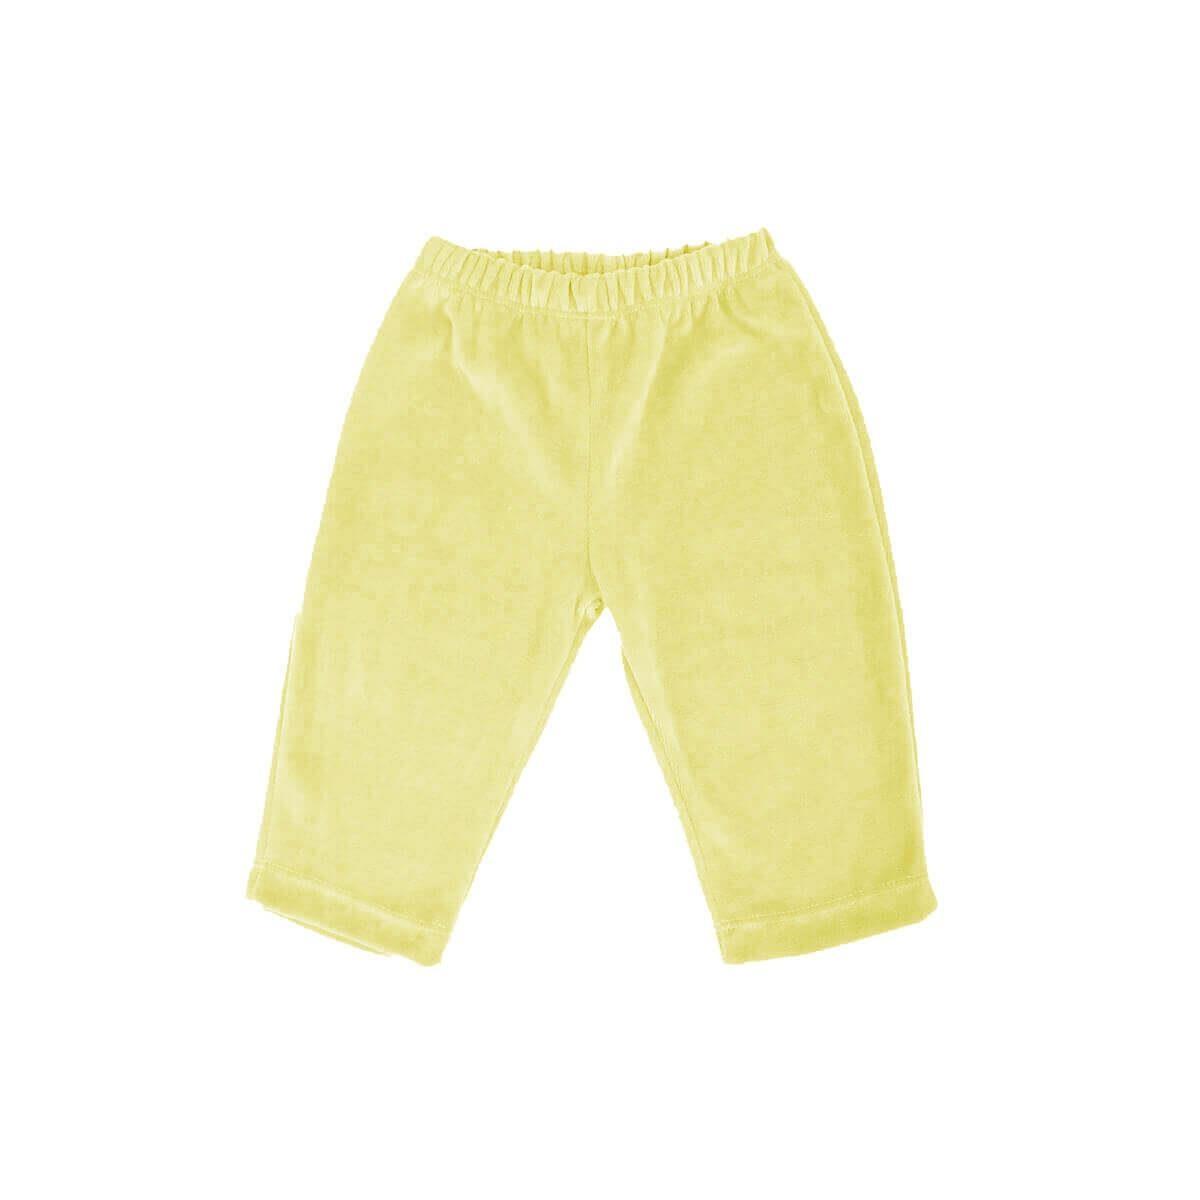 Calça Plush Amarela  - Piu Blu